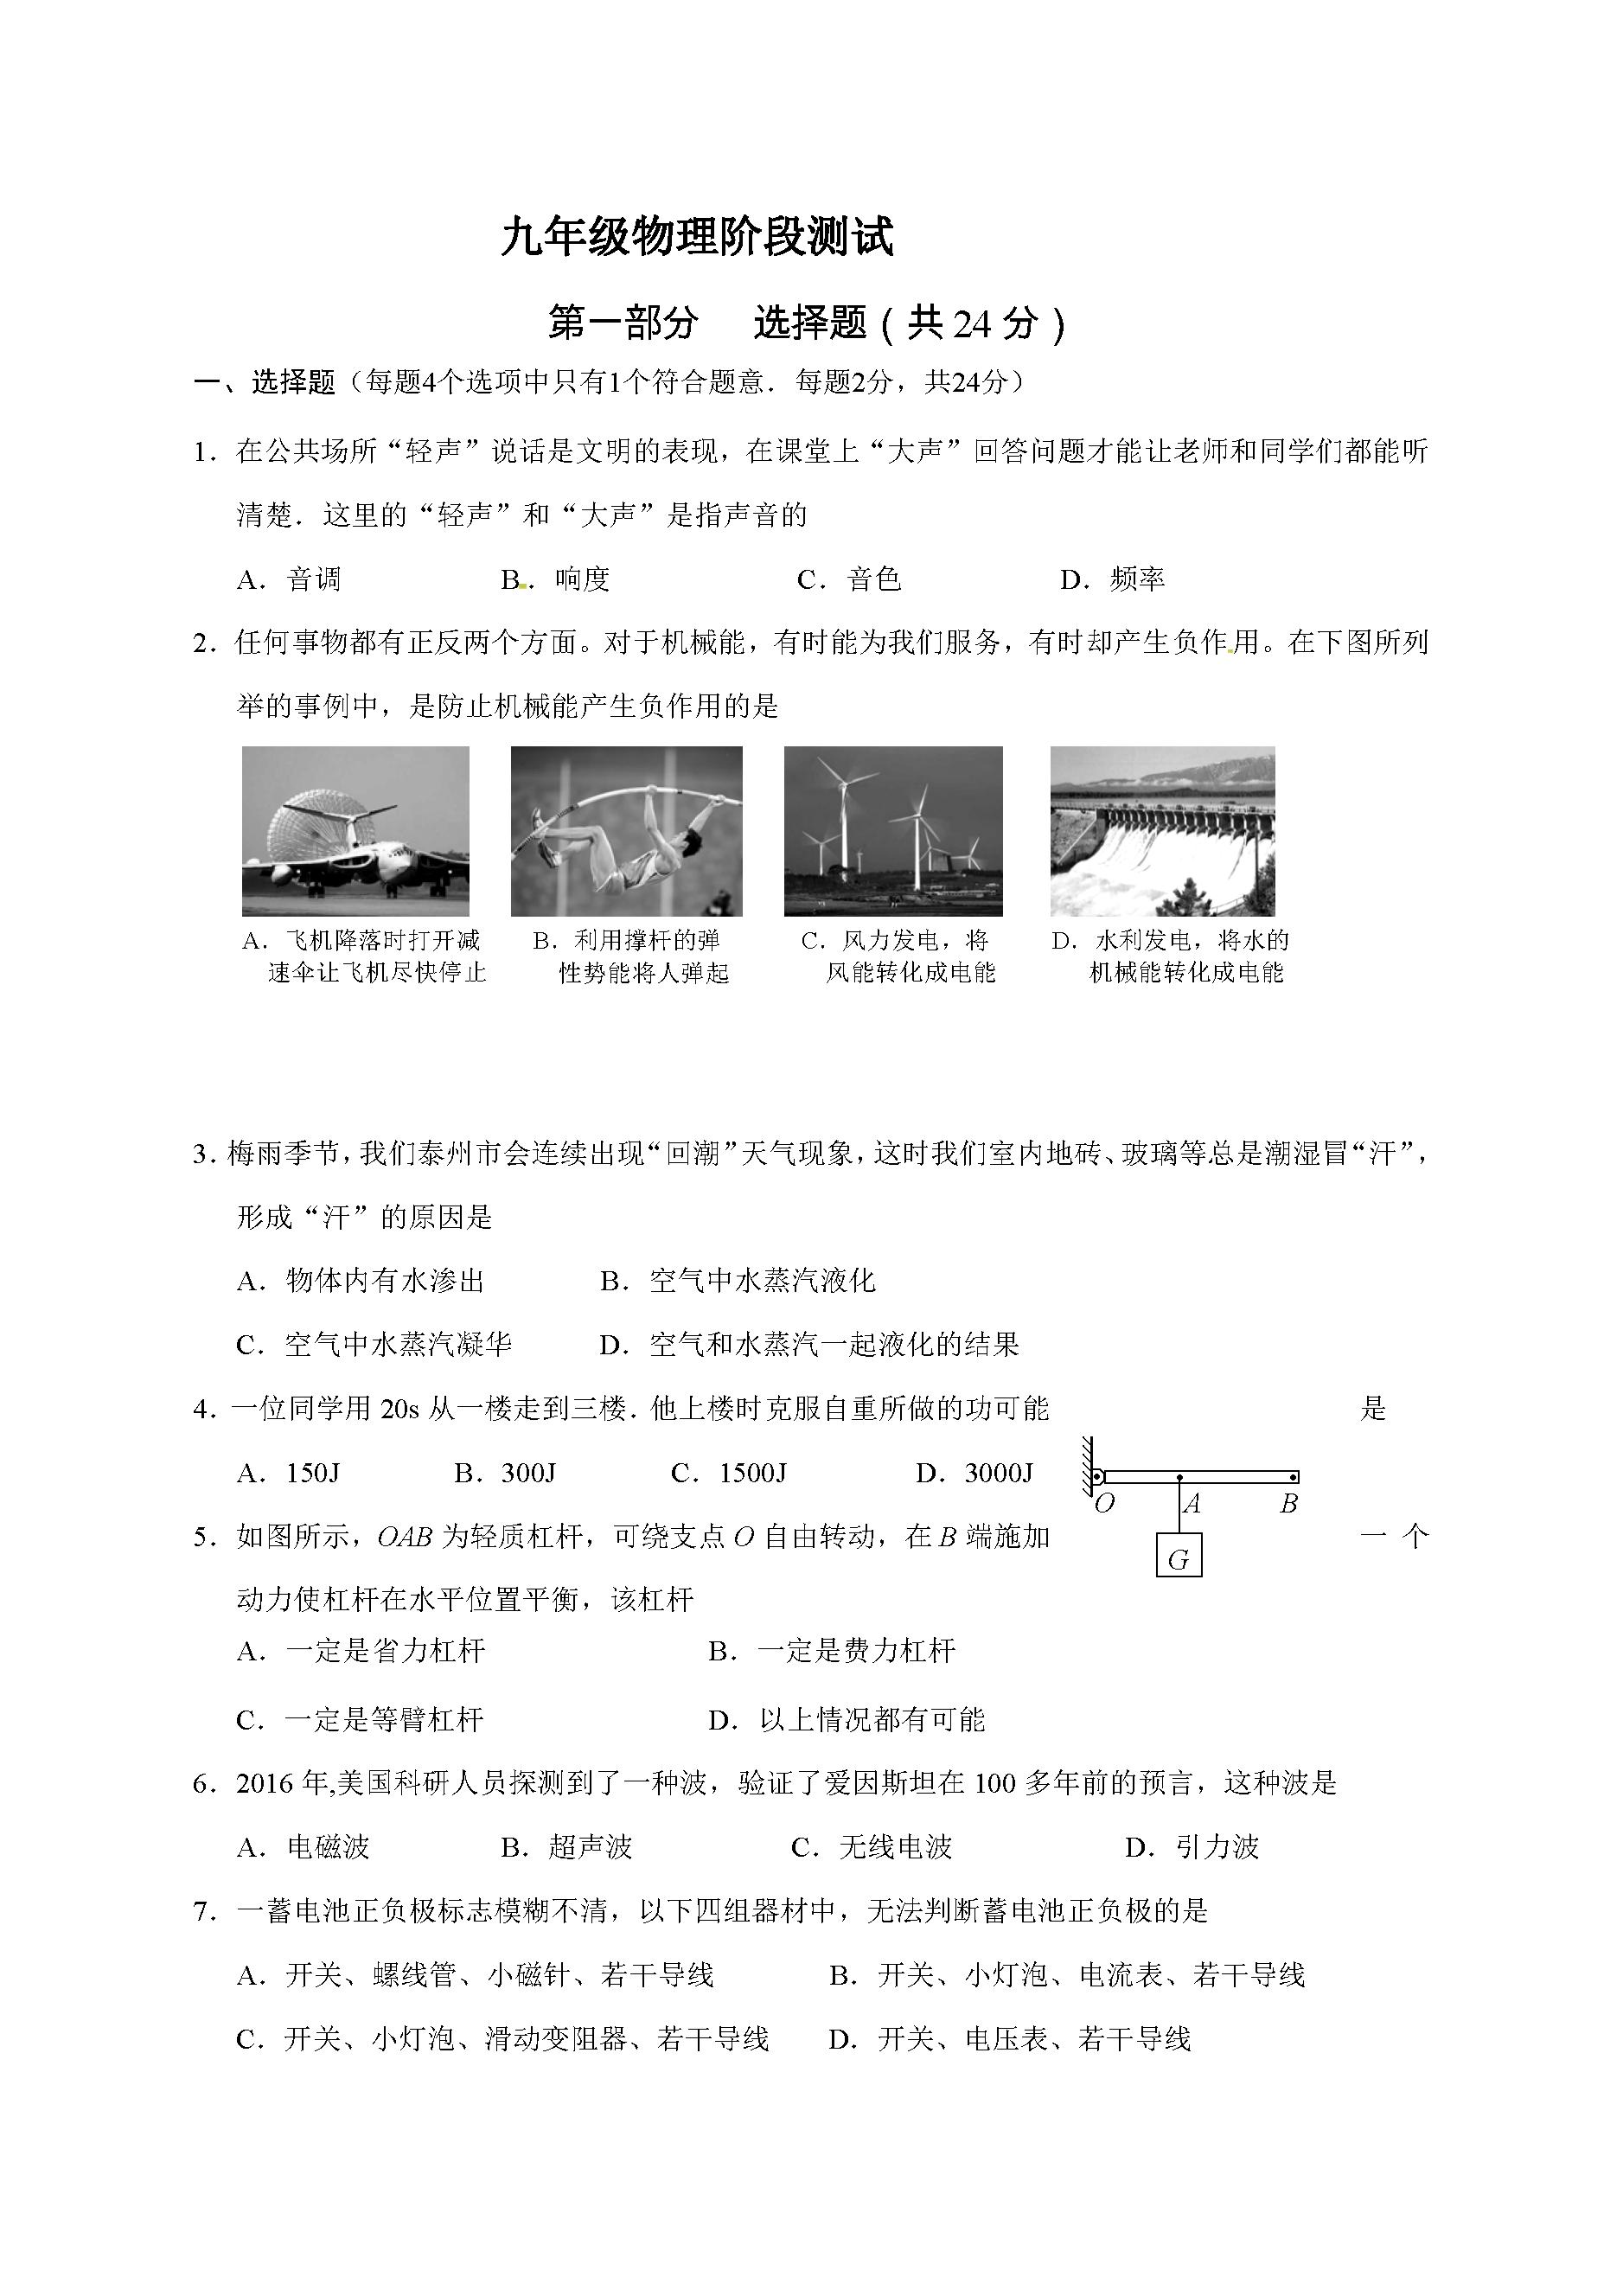 江苏泰州中学附属初级中学2017届年级下第一次月考物理试题(图片版)